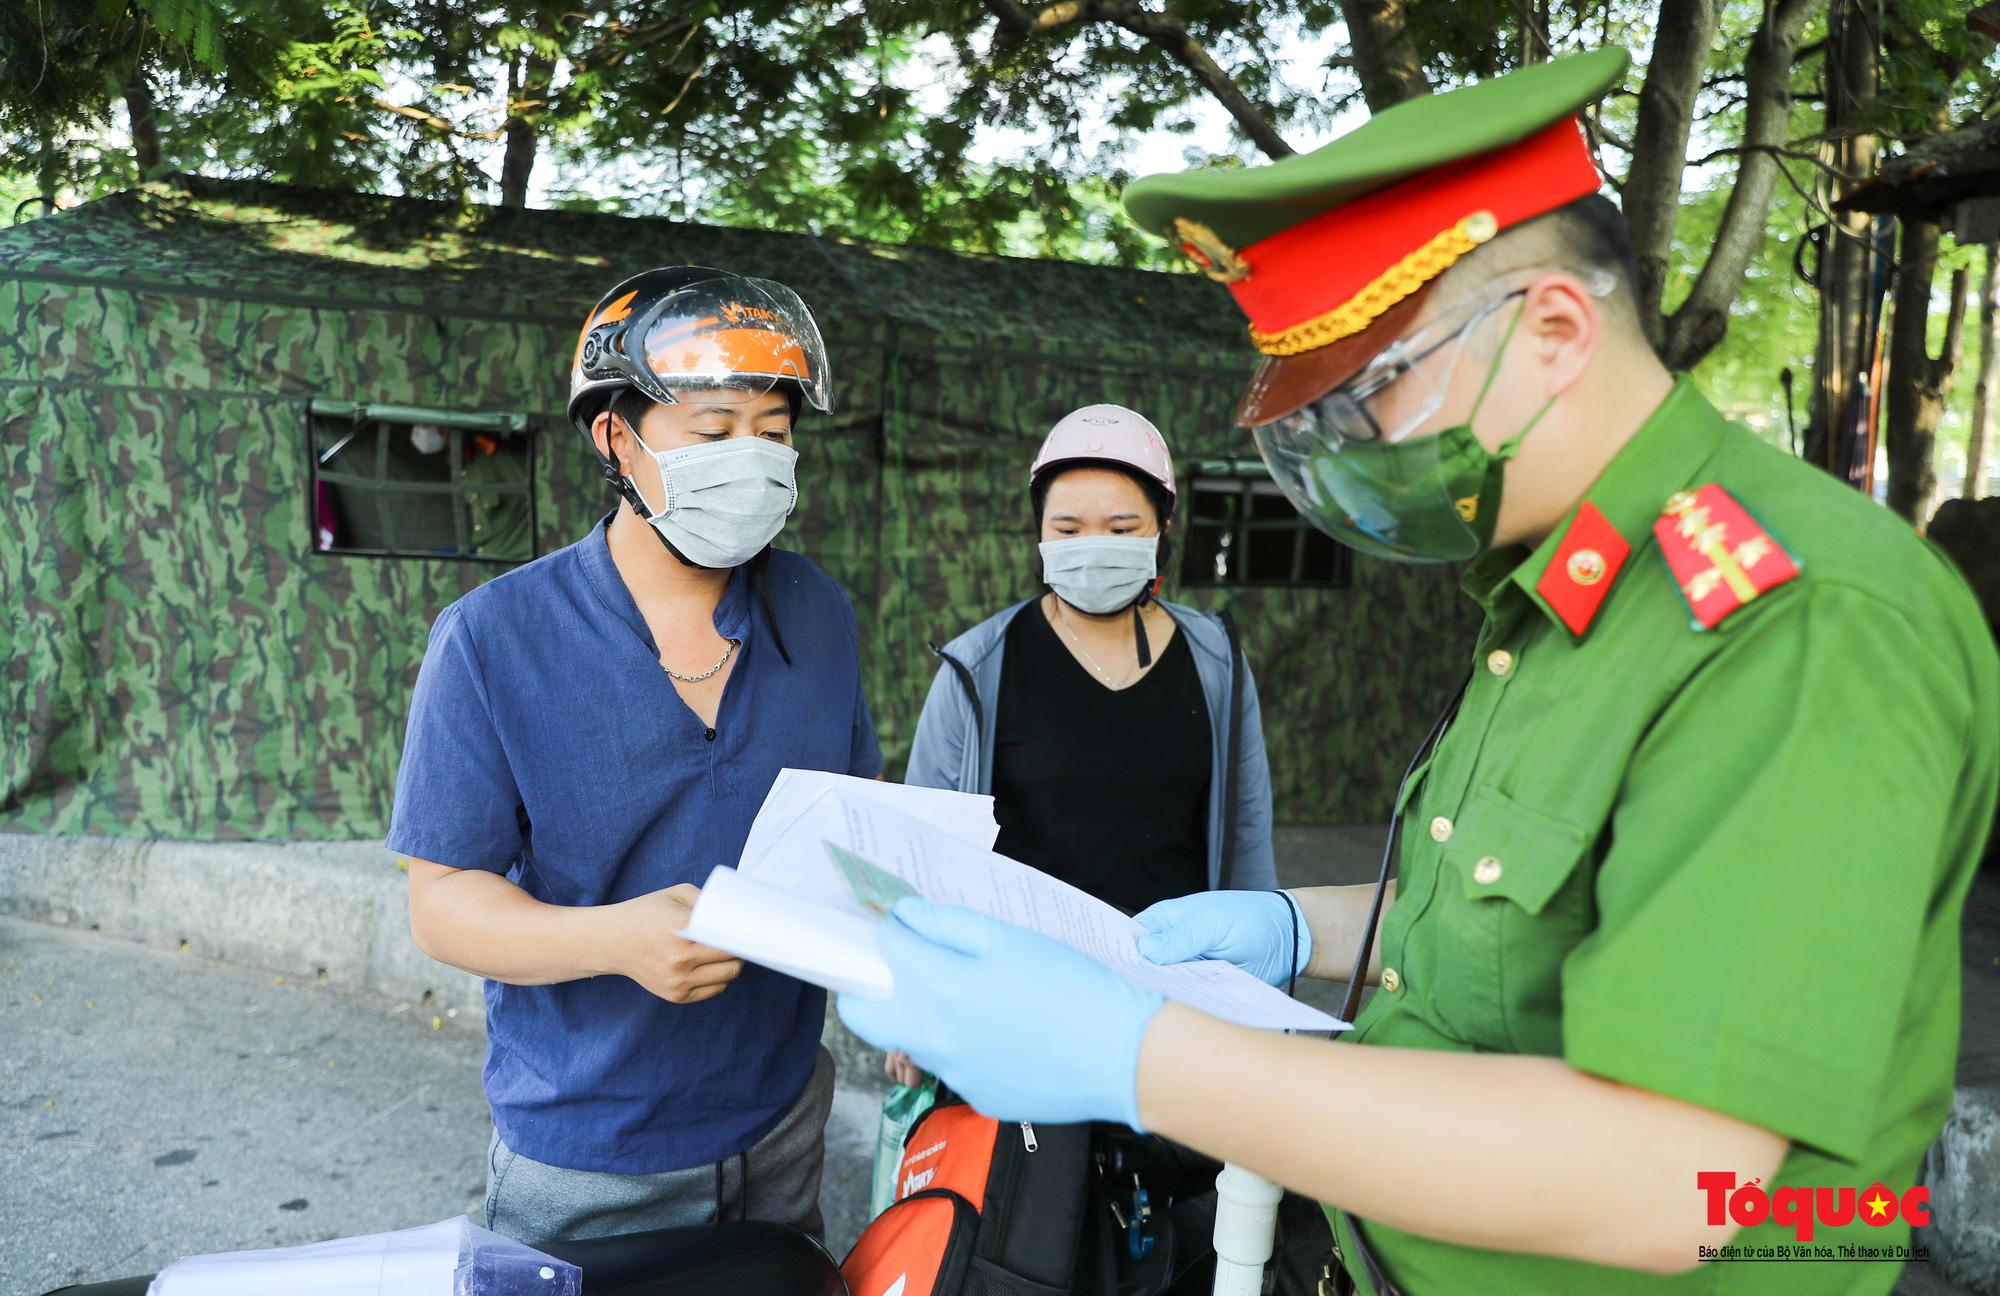 """Hà Nội: Ngày đầu tiên triển khai chốt trực kiểm soát đi lại giữa """"vùng đỏ"""" và """"vùng xanh"""" - Ảnh 6."""